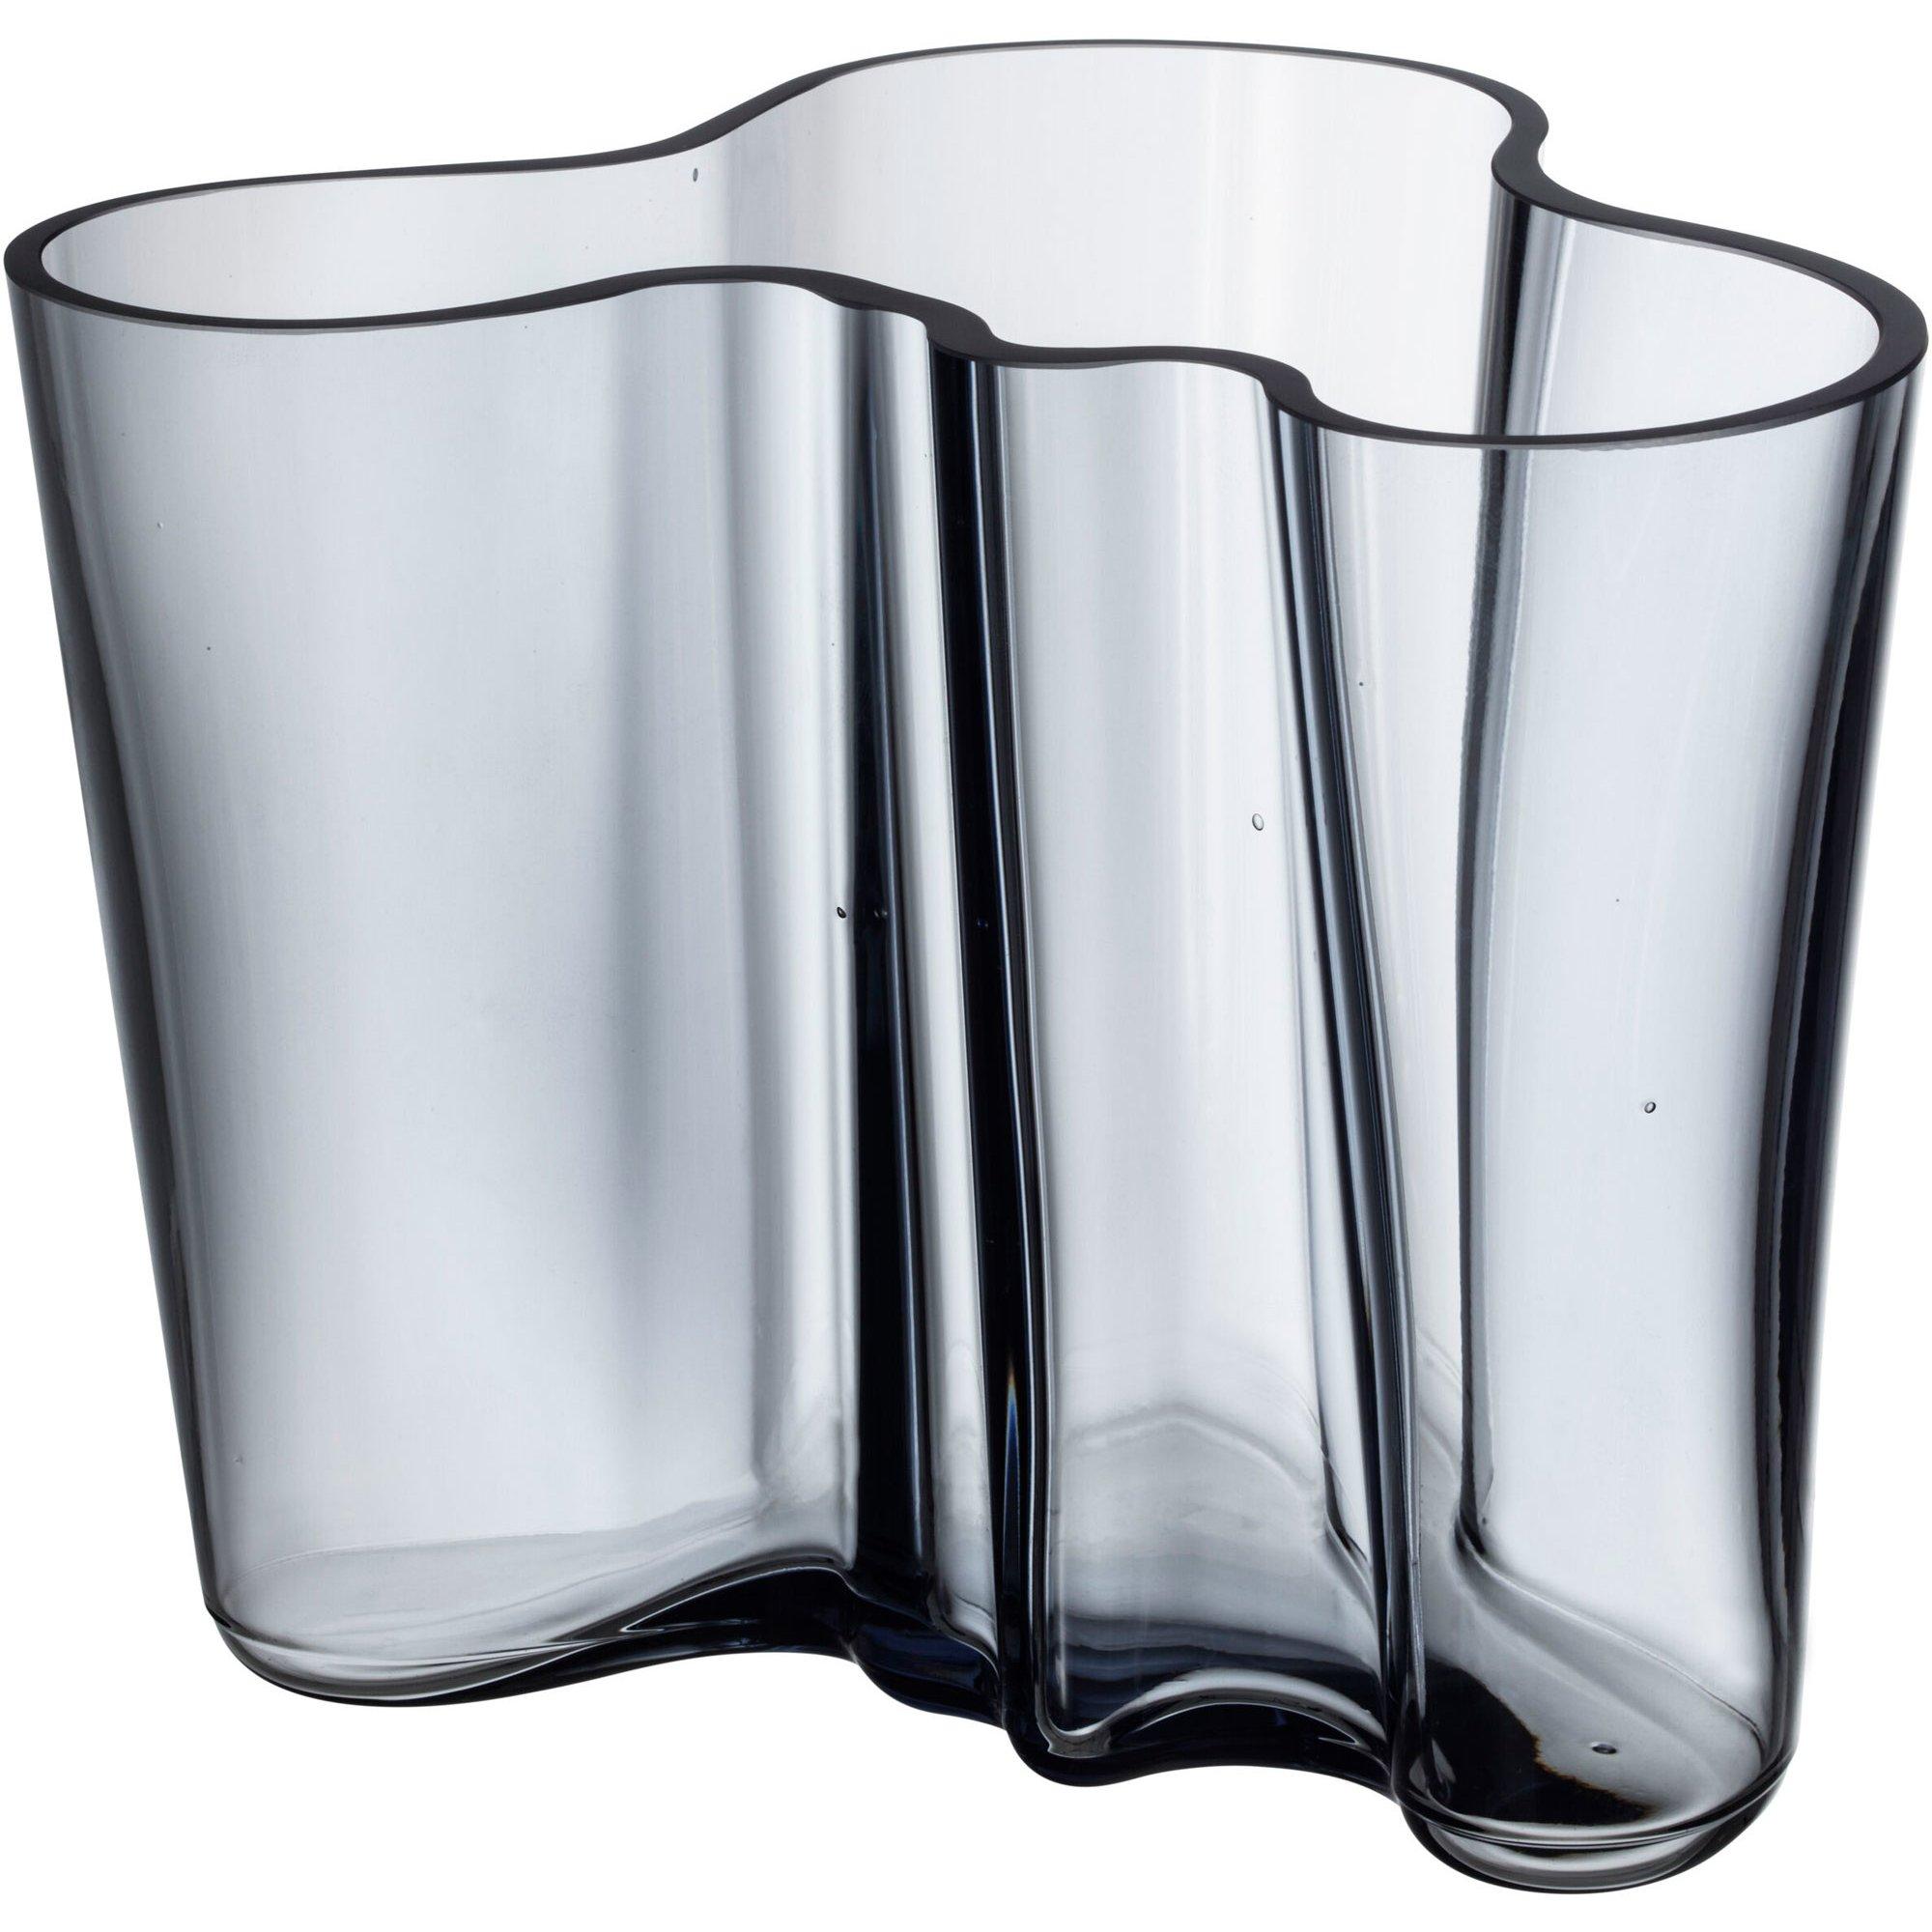 Iittala Alvar Aalto Collection Vas 16 cm. Återvunnet glas